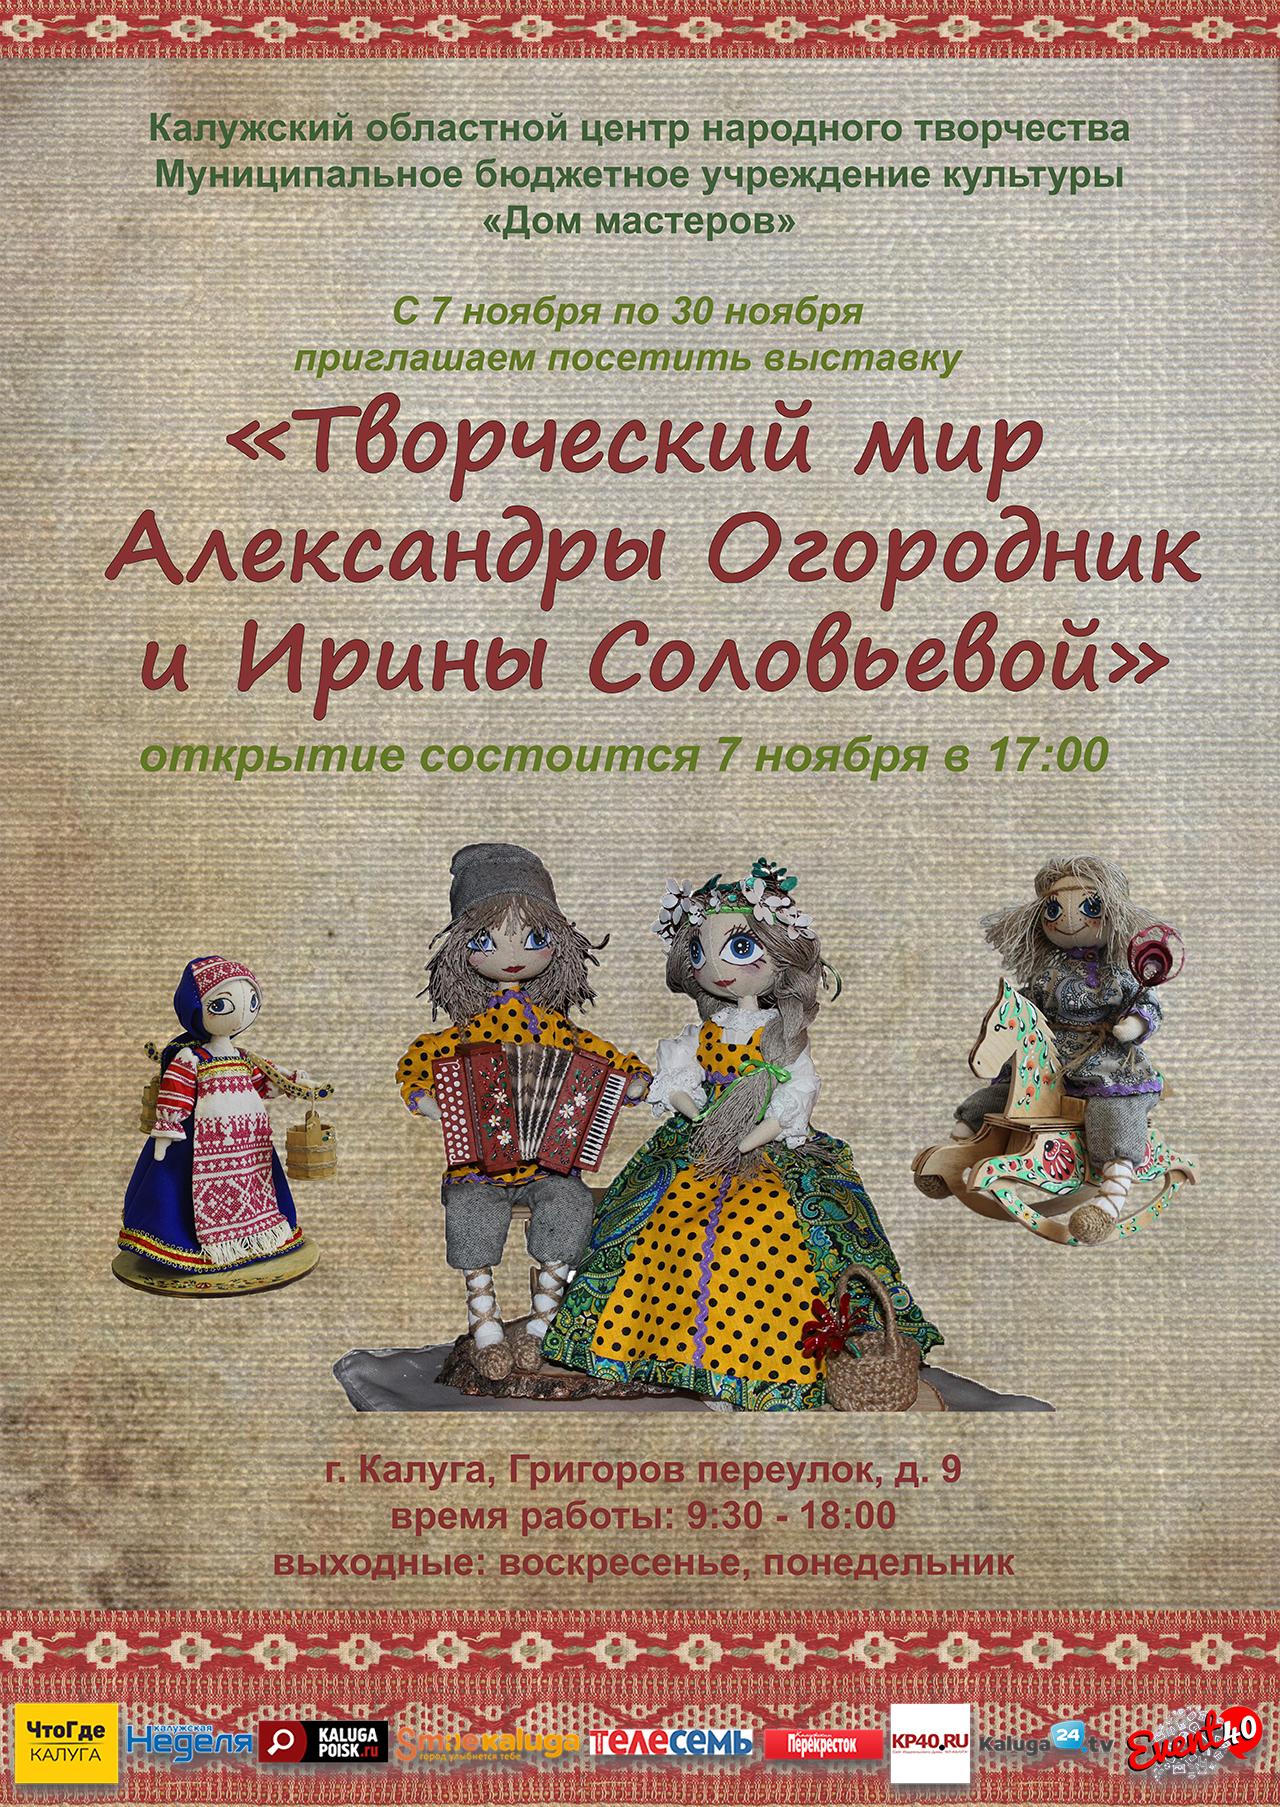 Выставка «Творческий мир Александры Огородник и Ирины Соловьёвой» в Доме мастеров